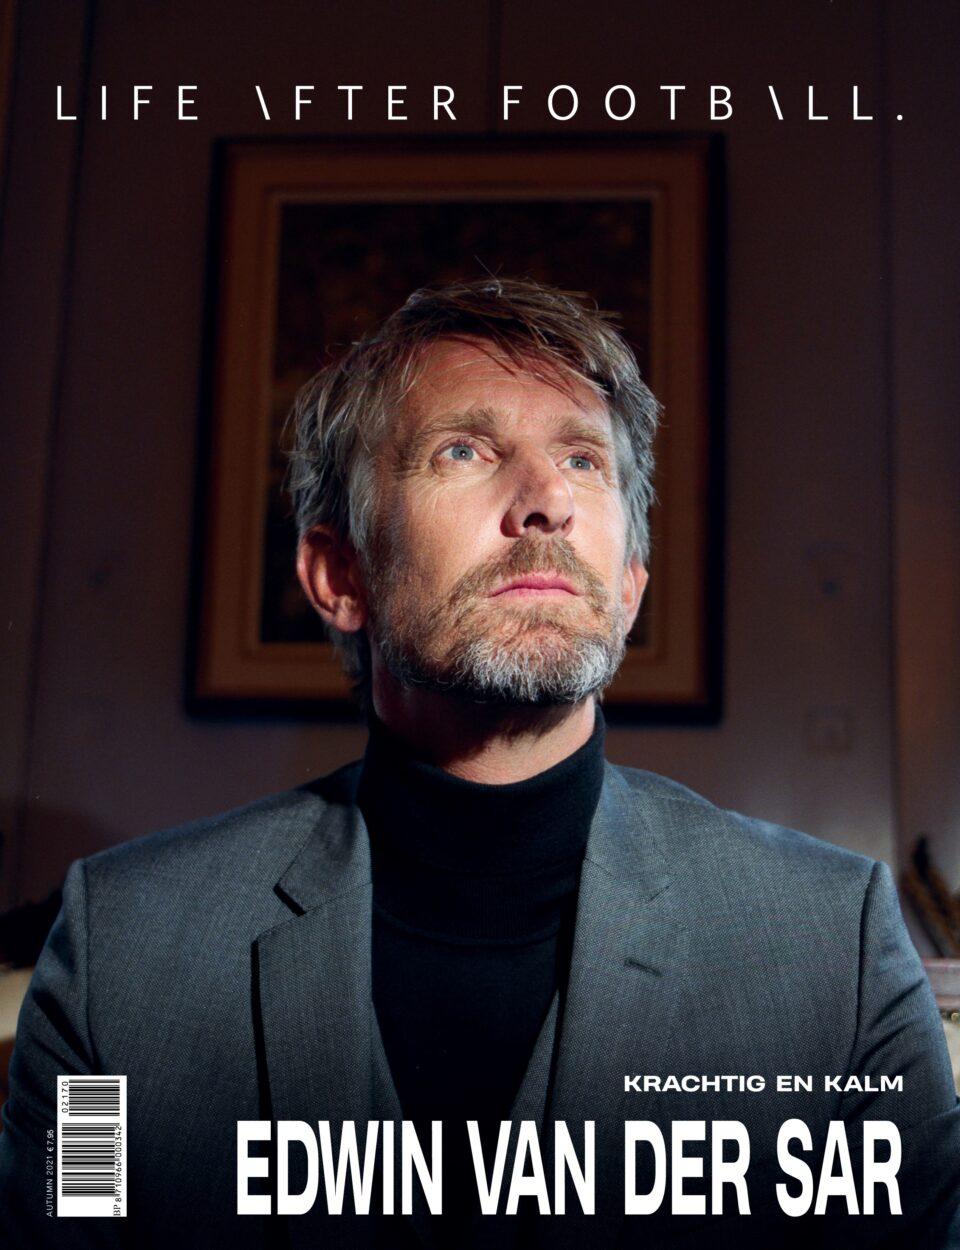 ISSUE 70 is nu verkrijgbaar met Edwin van der Sar als coverster